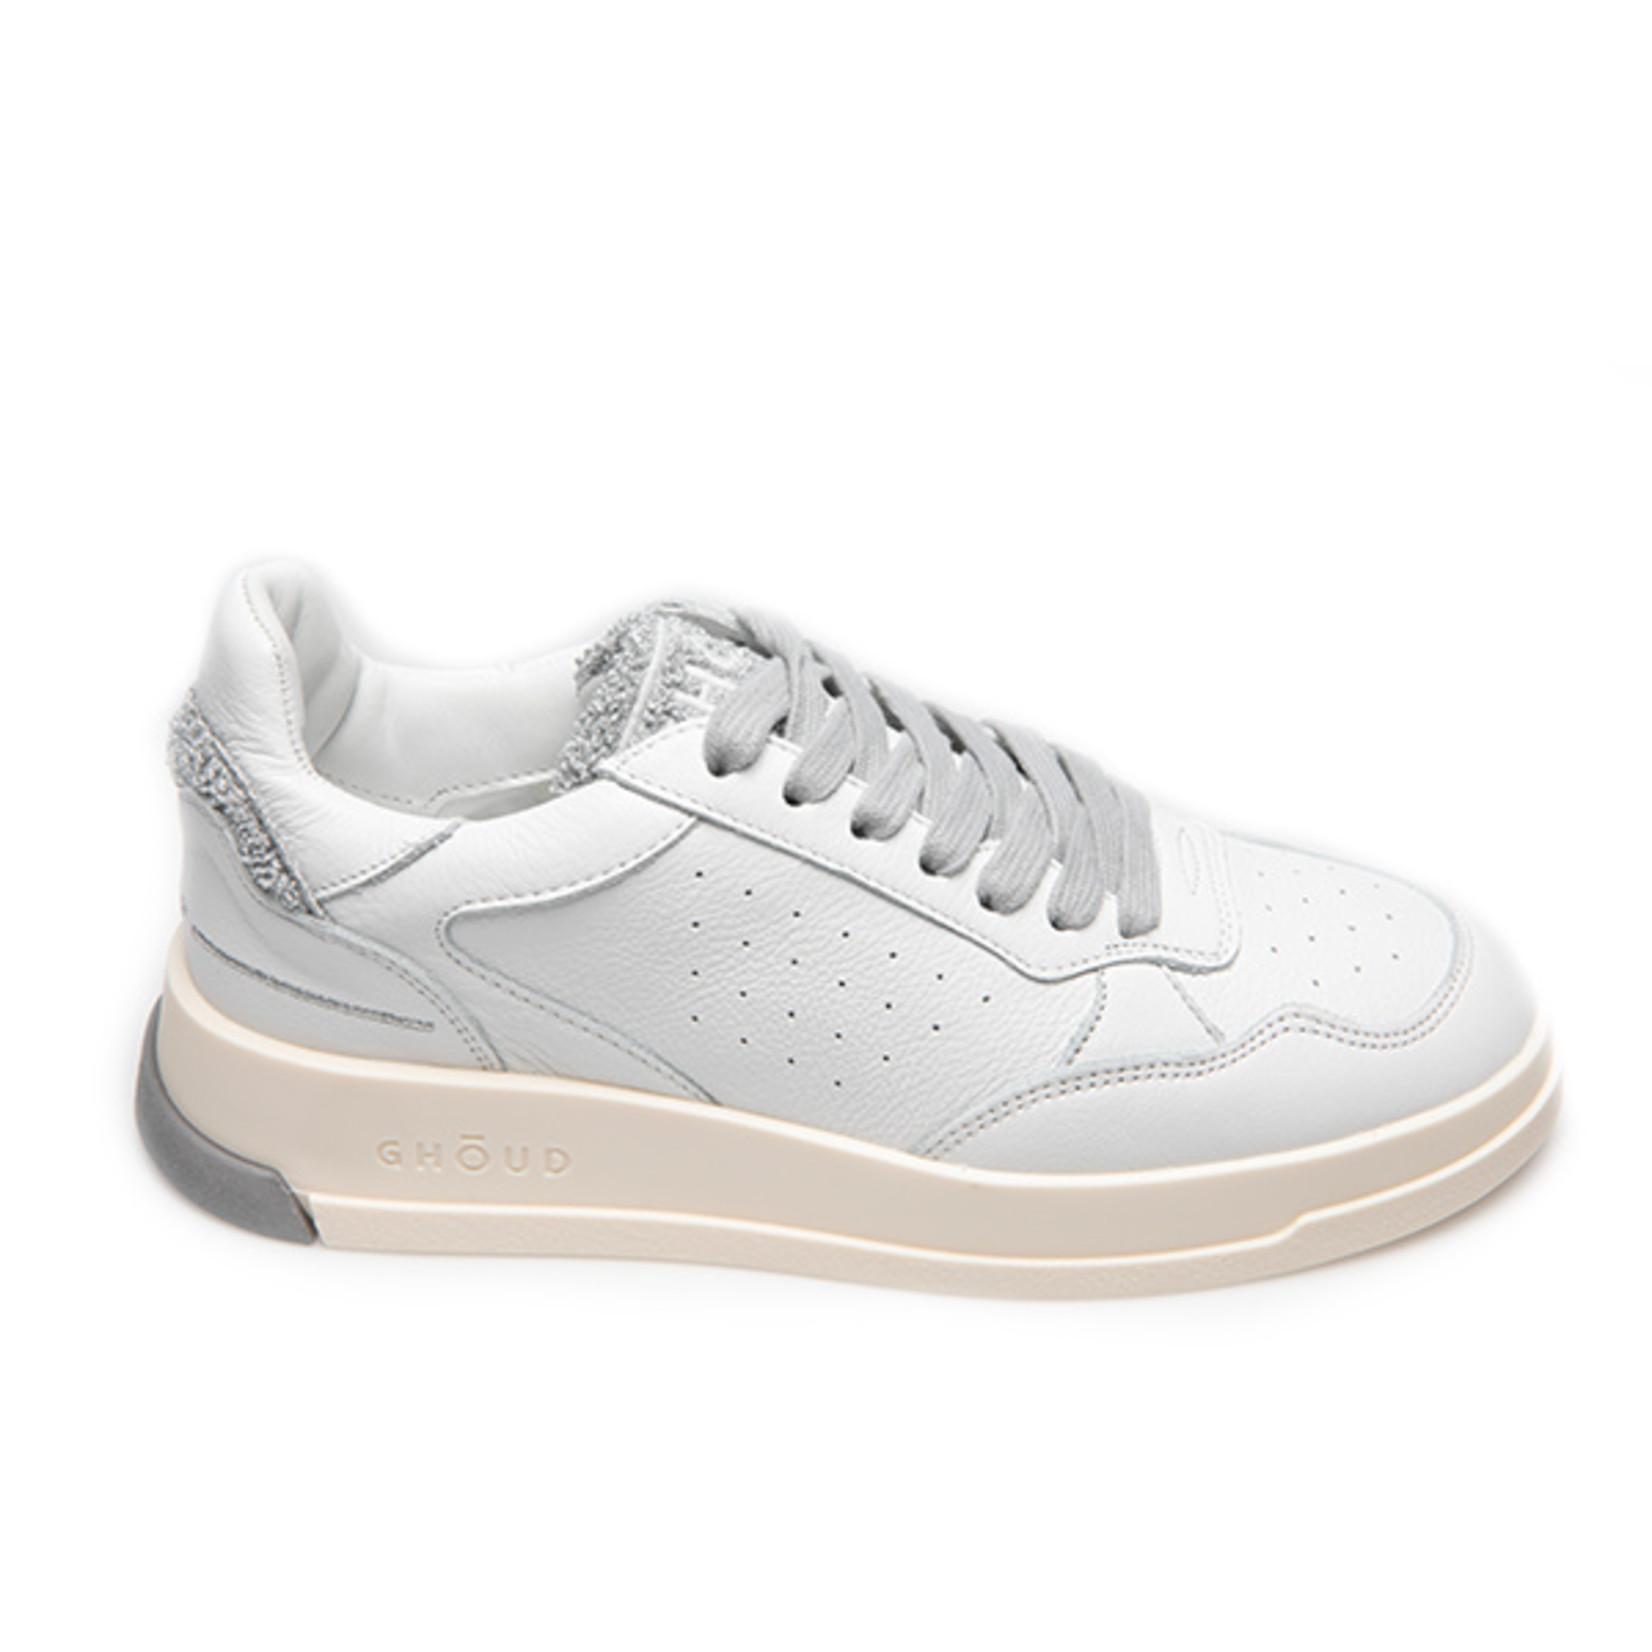 Ghoud Sneaker Tweener